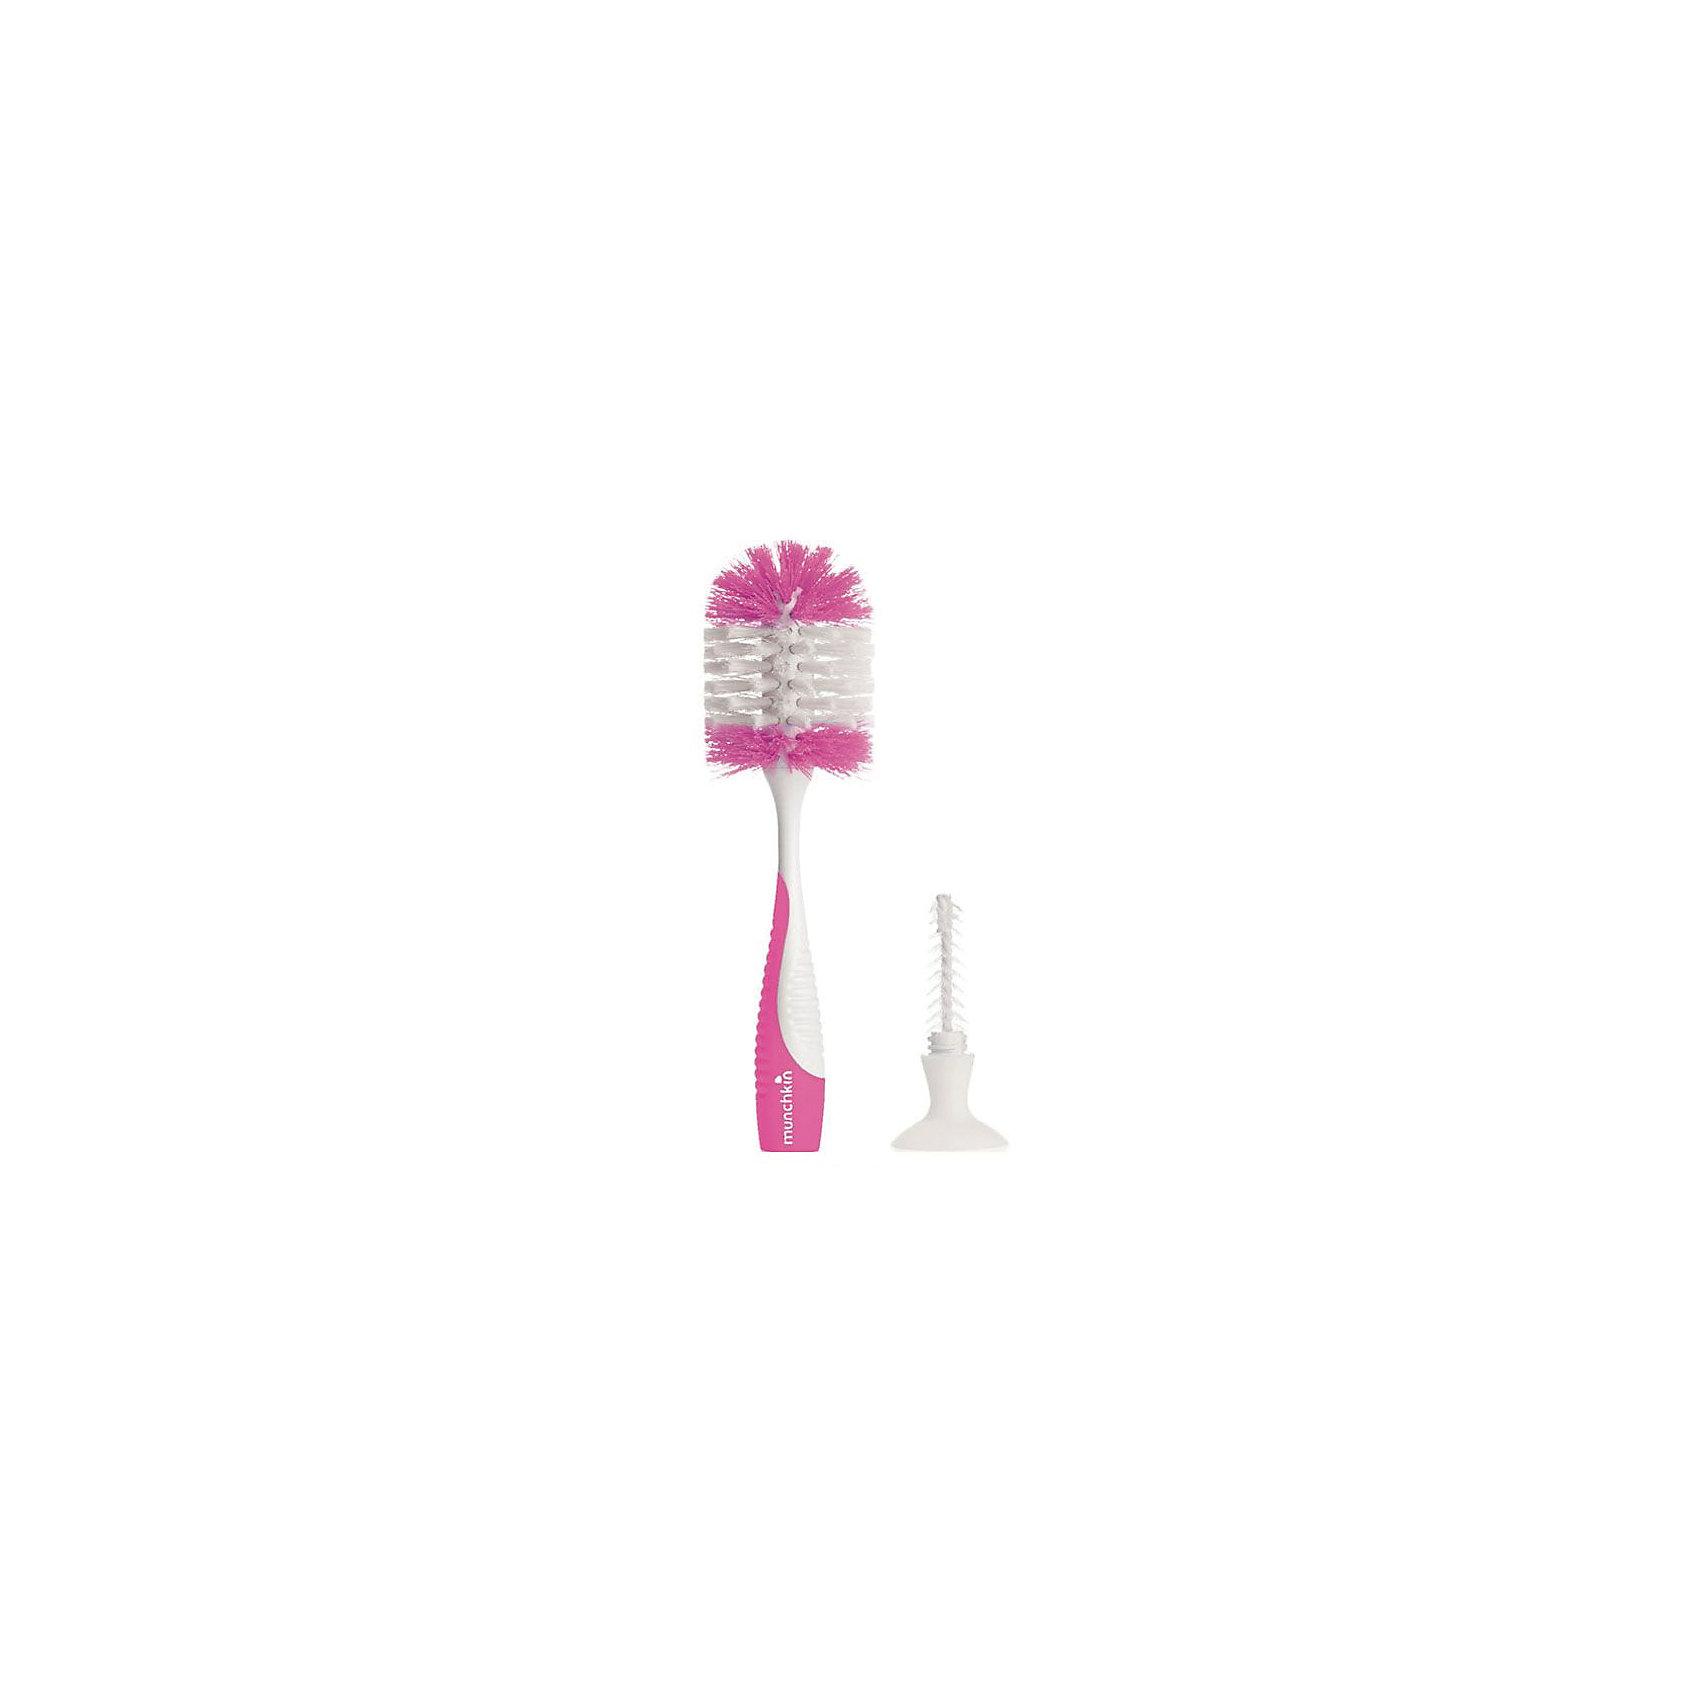 Ершик для бутылочек и сосок, Munchkin, розовый